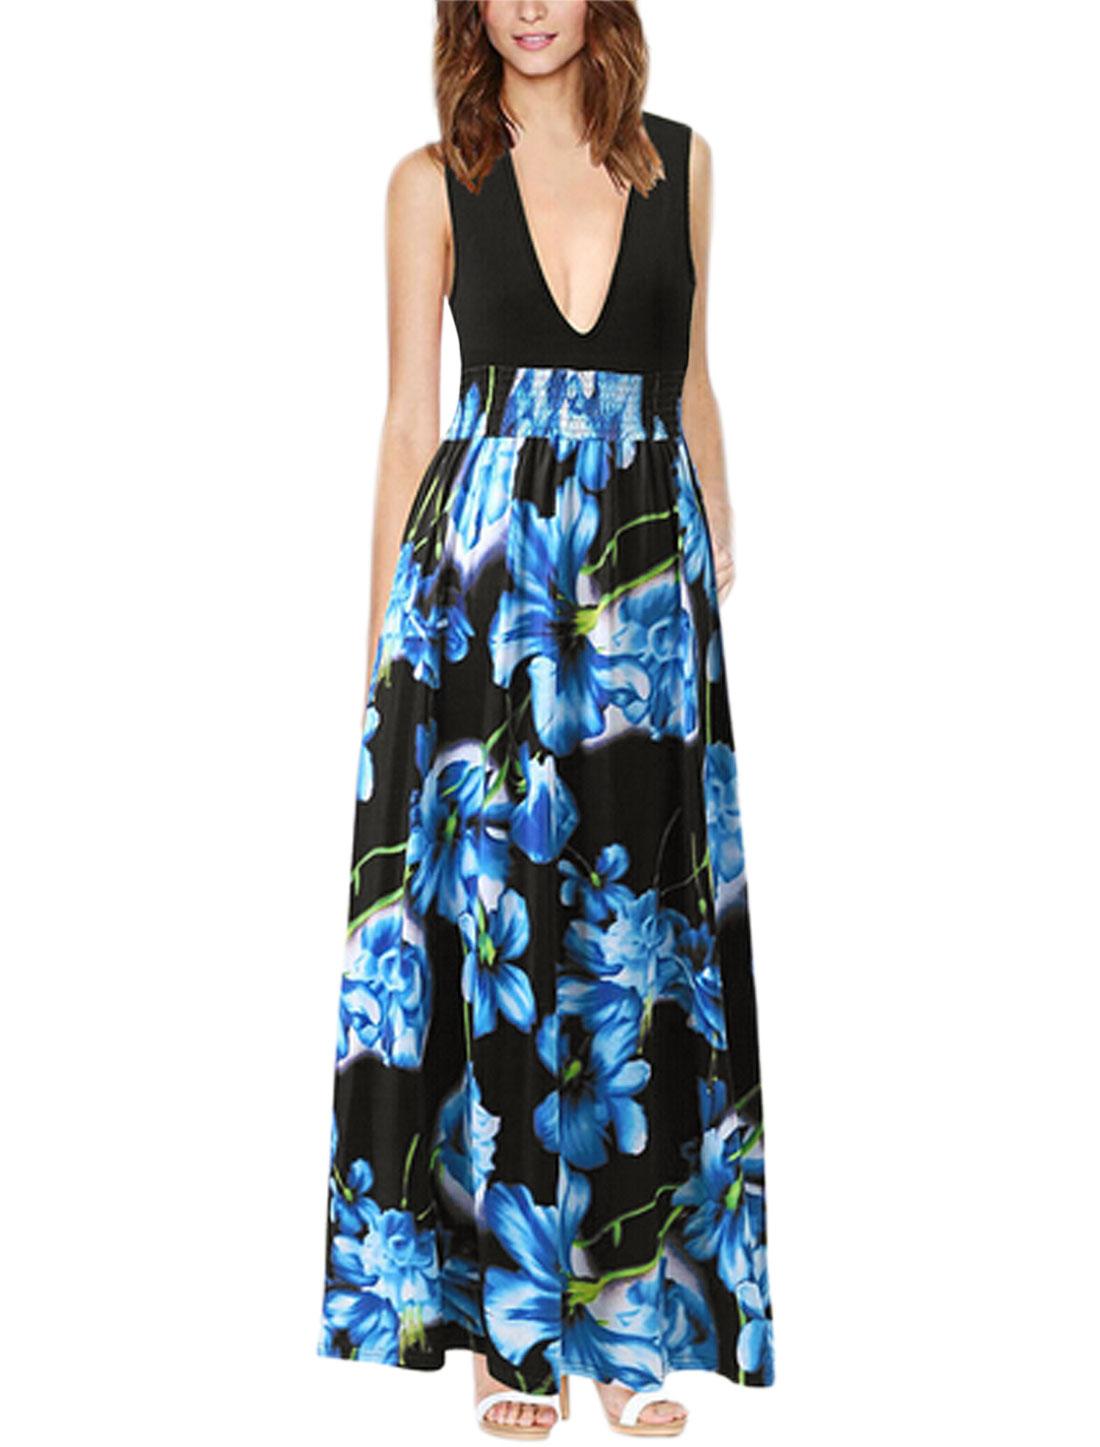 Allegra K Lady Floral Prints Smocked Waist Deep V Neck Maxi Dress Blue Black M